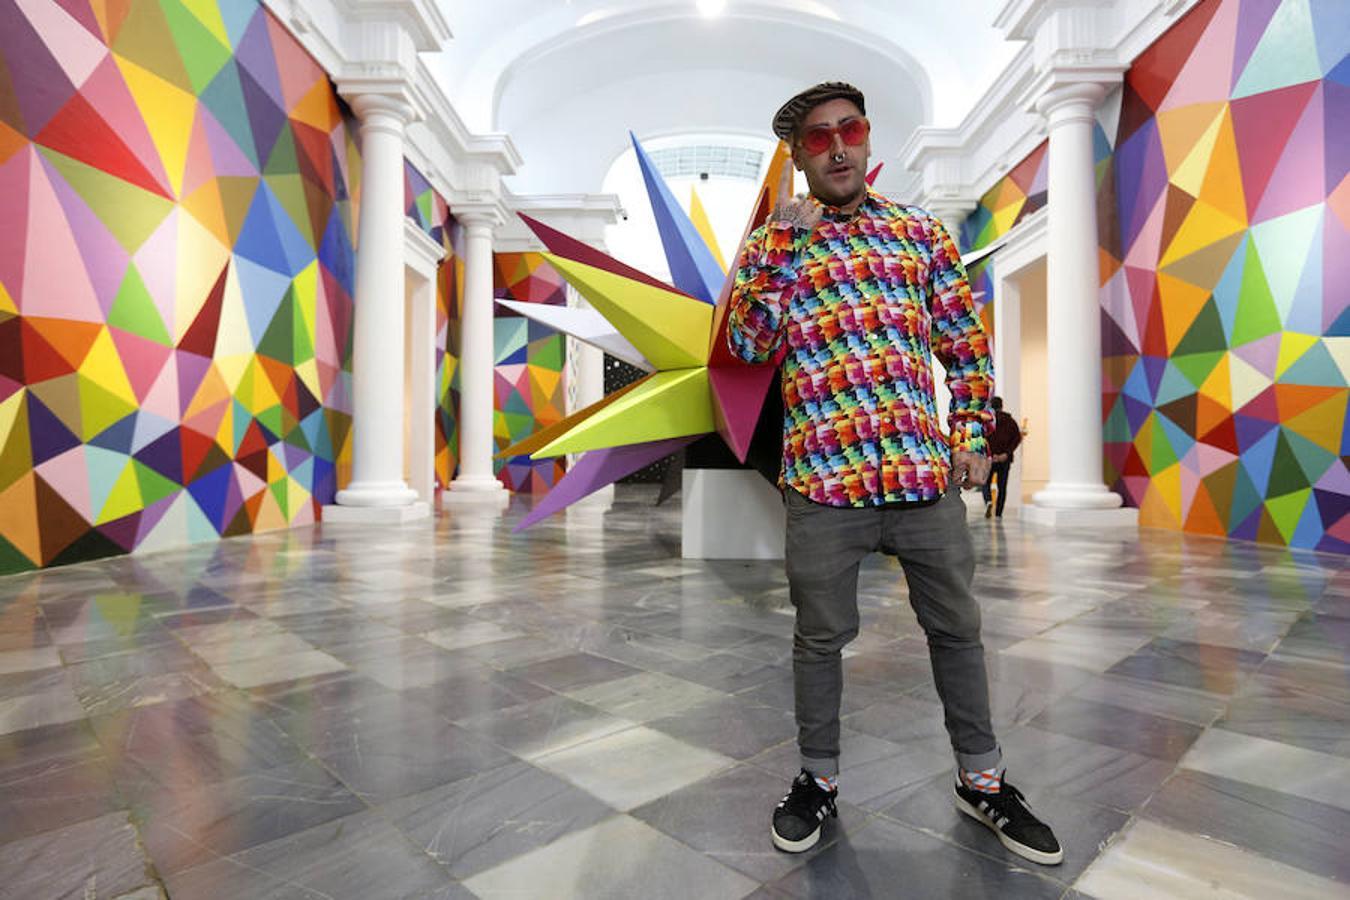 Fotos de la exposición de Okuda en el Centro El Carmen